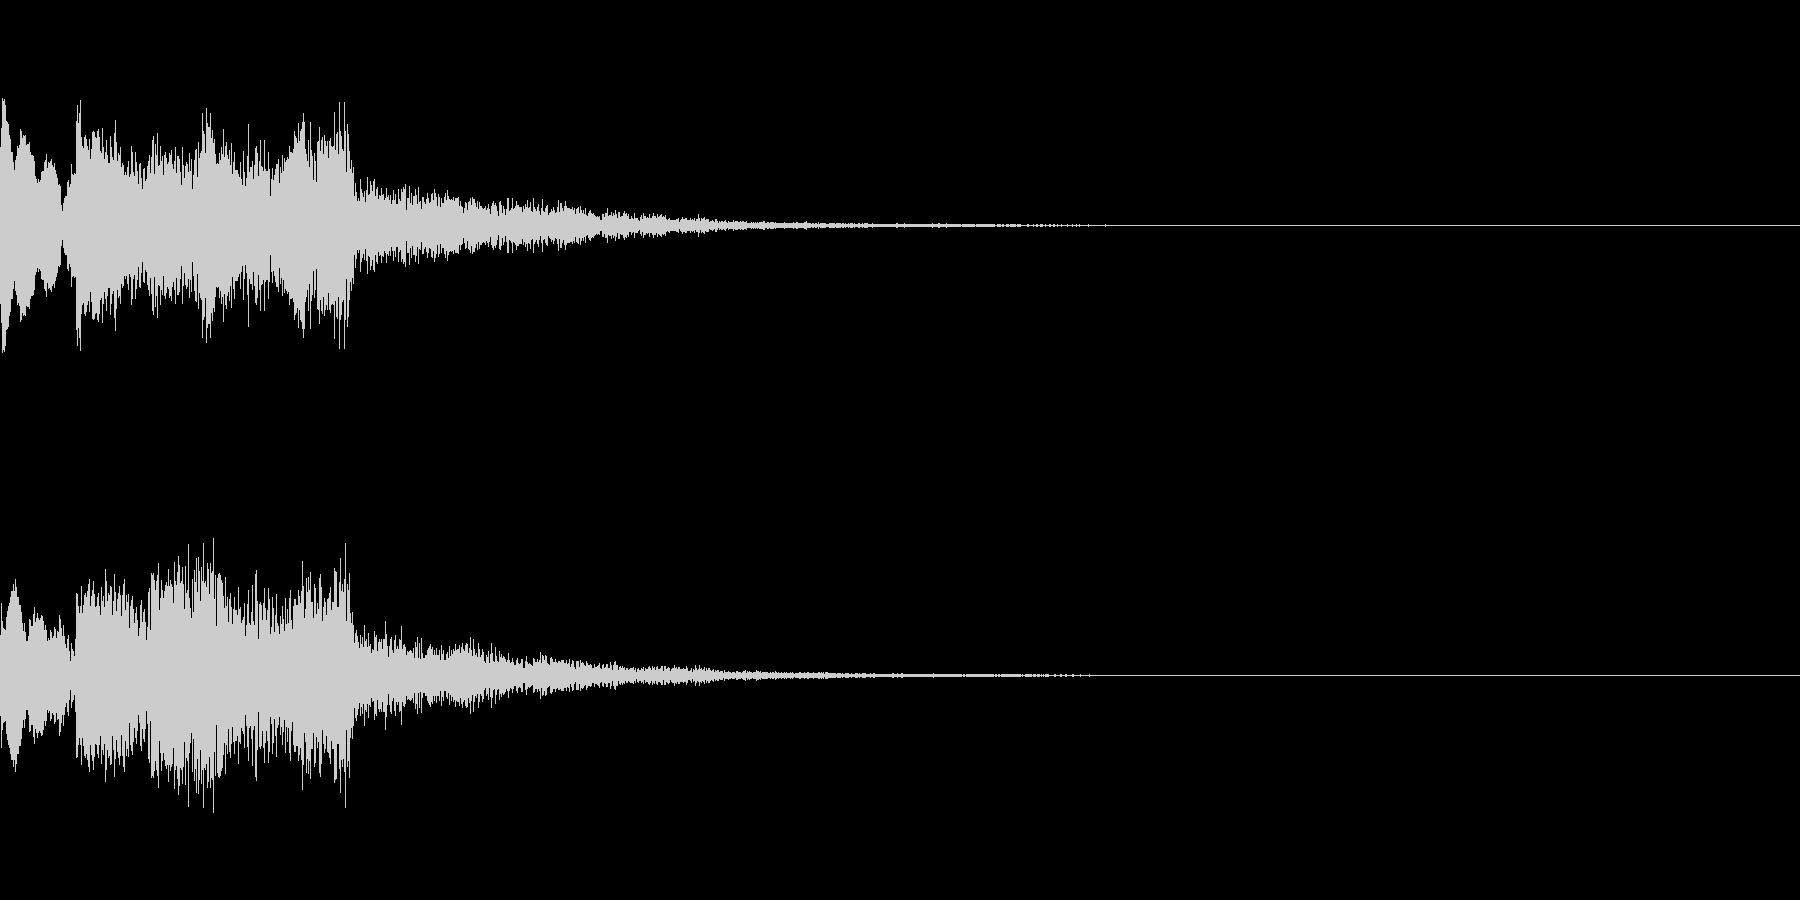 システム起動音_その12の未再生の波形